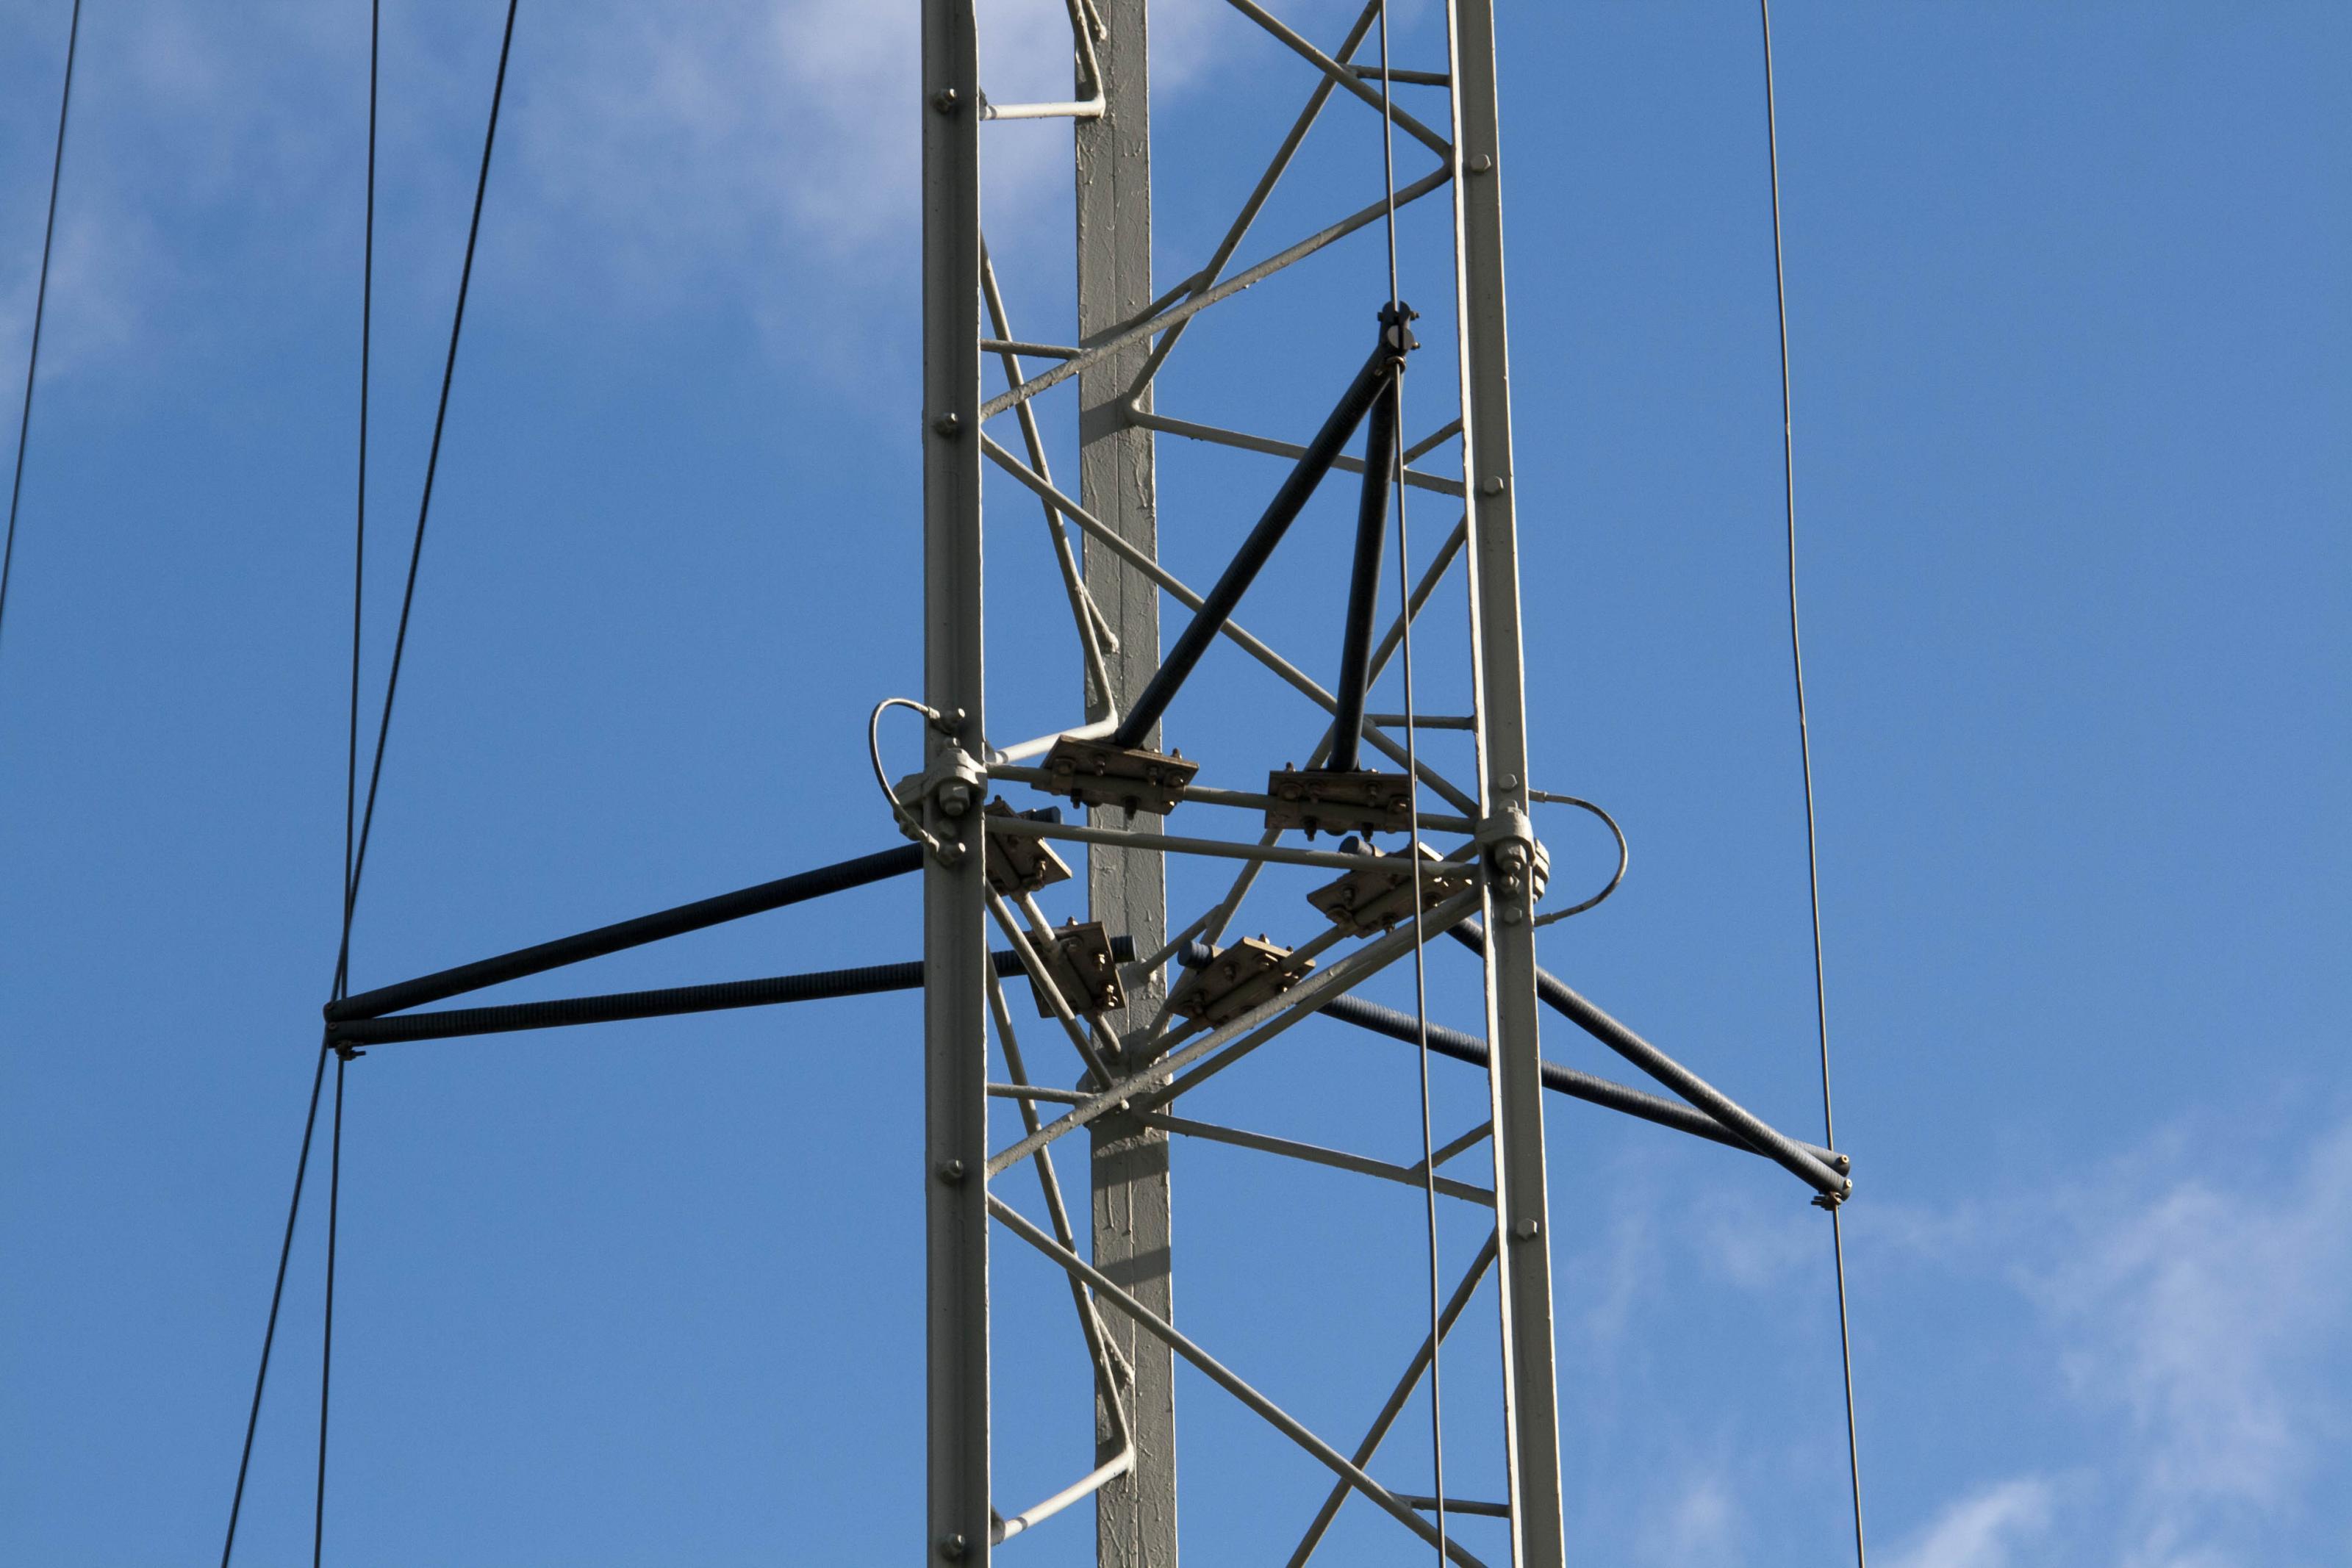 2010-10-16-828Heinenoord-0069.jpg